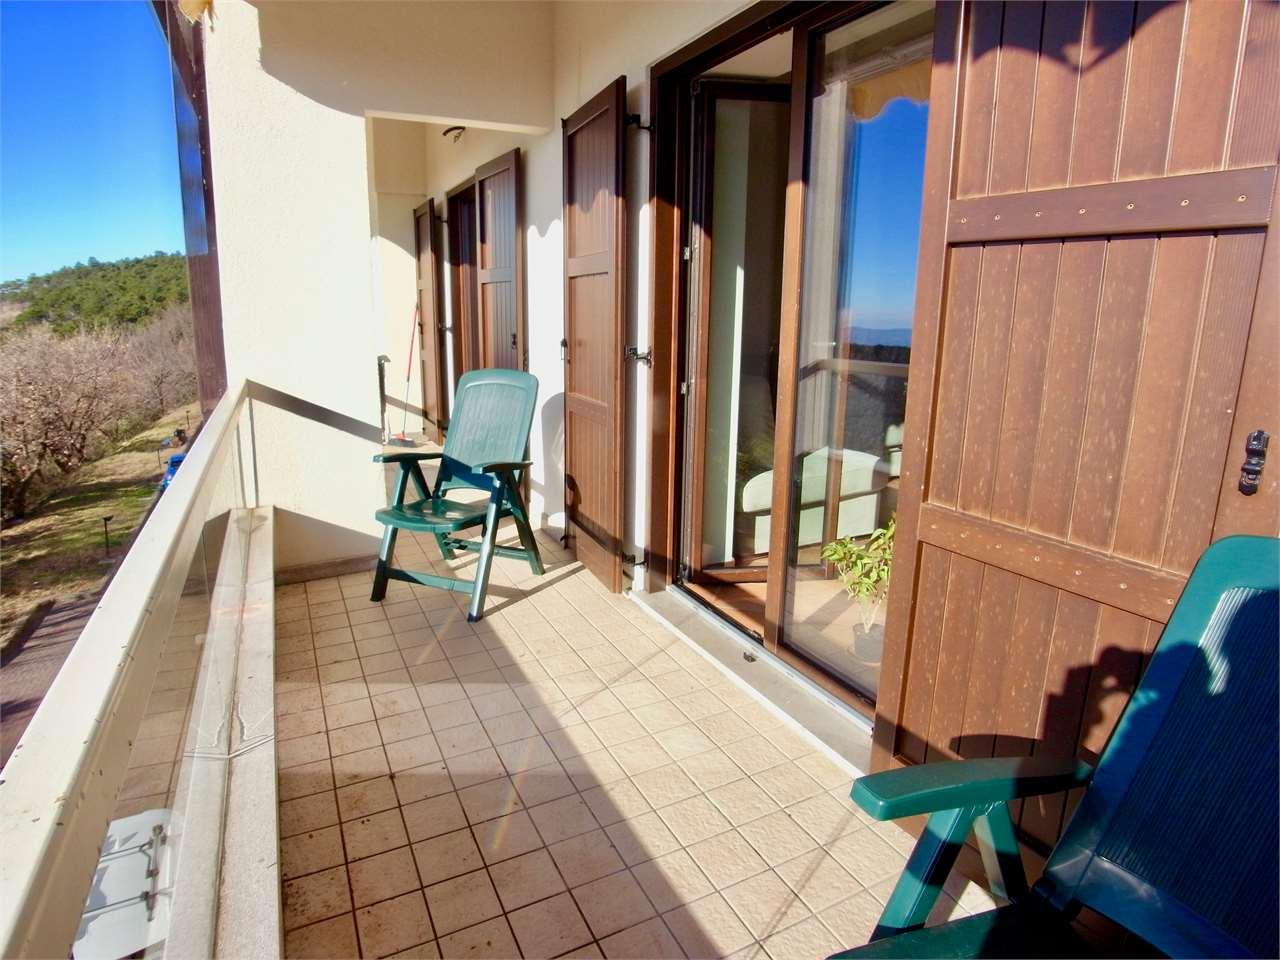 Appartamento in vendita a Trieste, 4 locali, zona Zona: Periferia, prezzo € 295.000 | CambioCasa.it